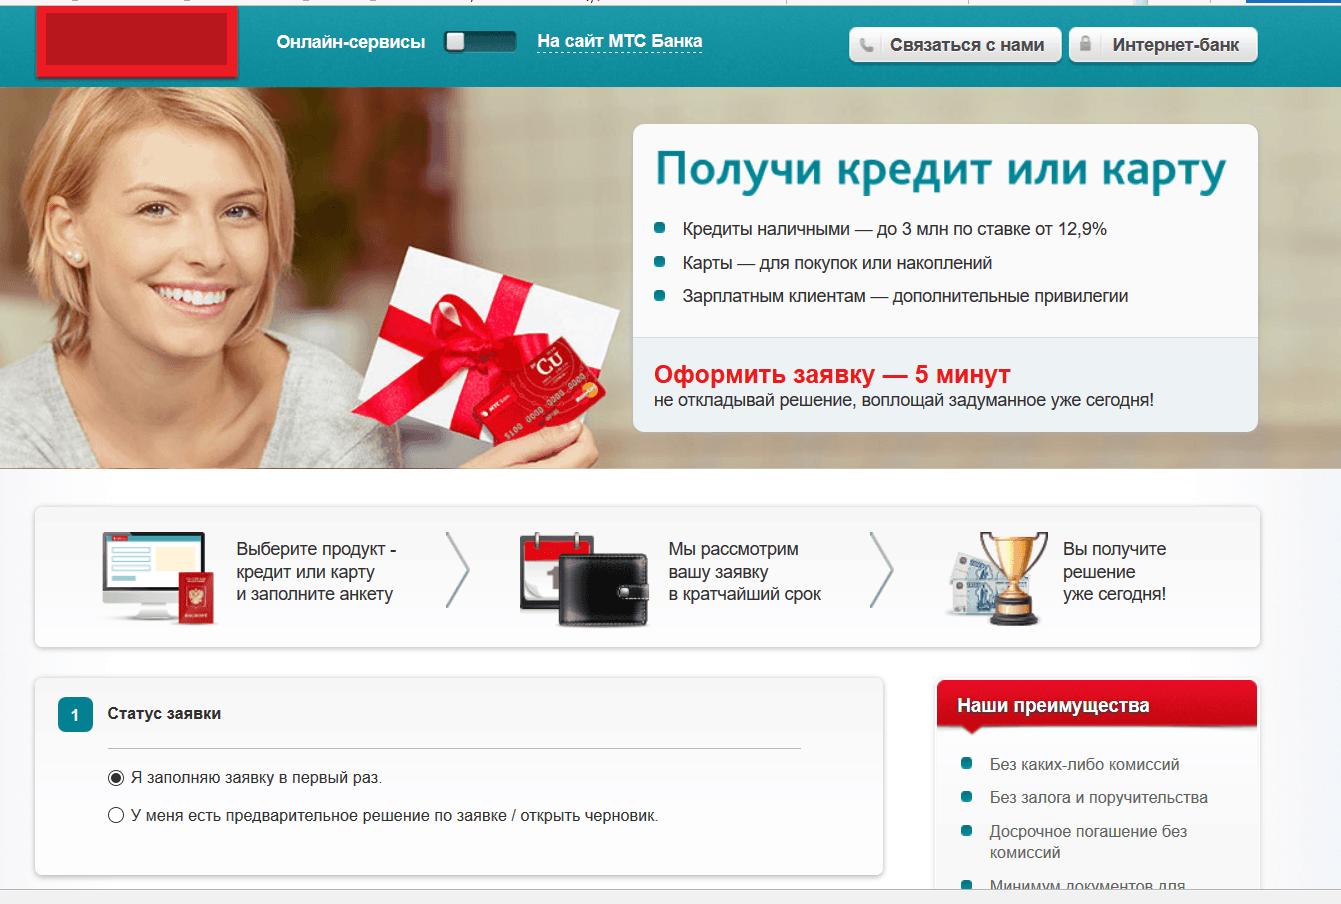 банки оформить заявку на кредитную карту мтс деньги